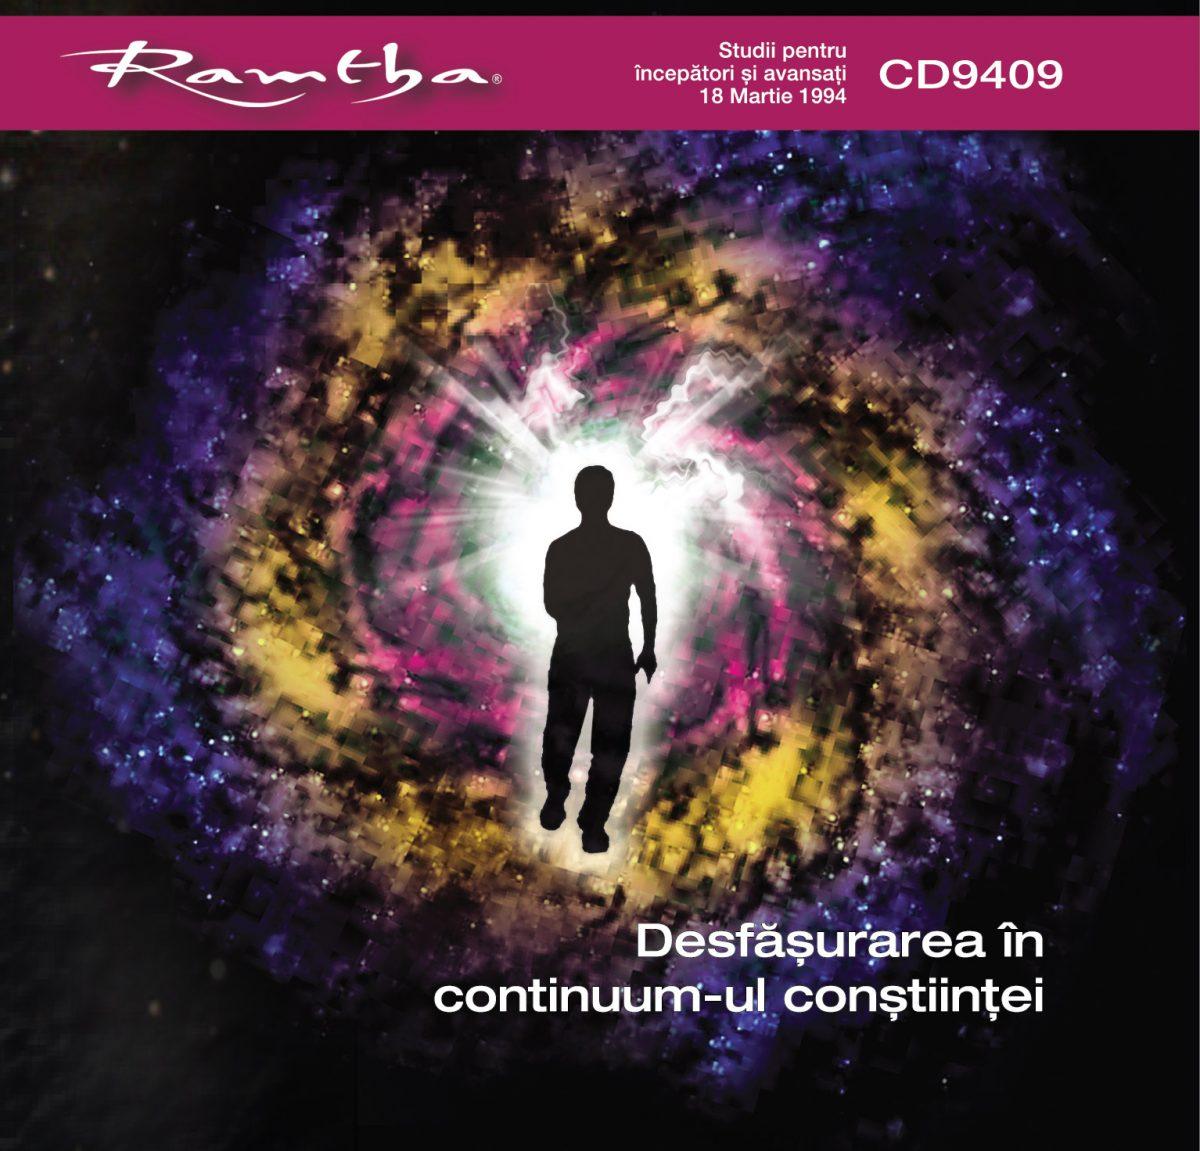 Ramtha - Desfăşurarea în continuum-ul conştiinţei